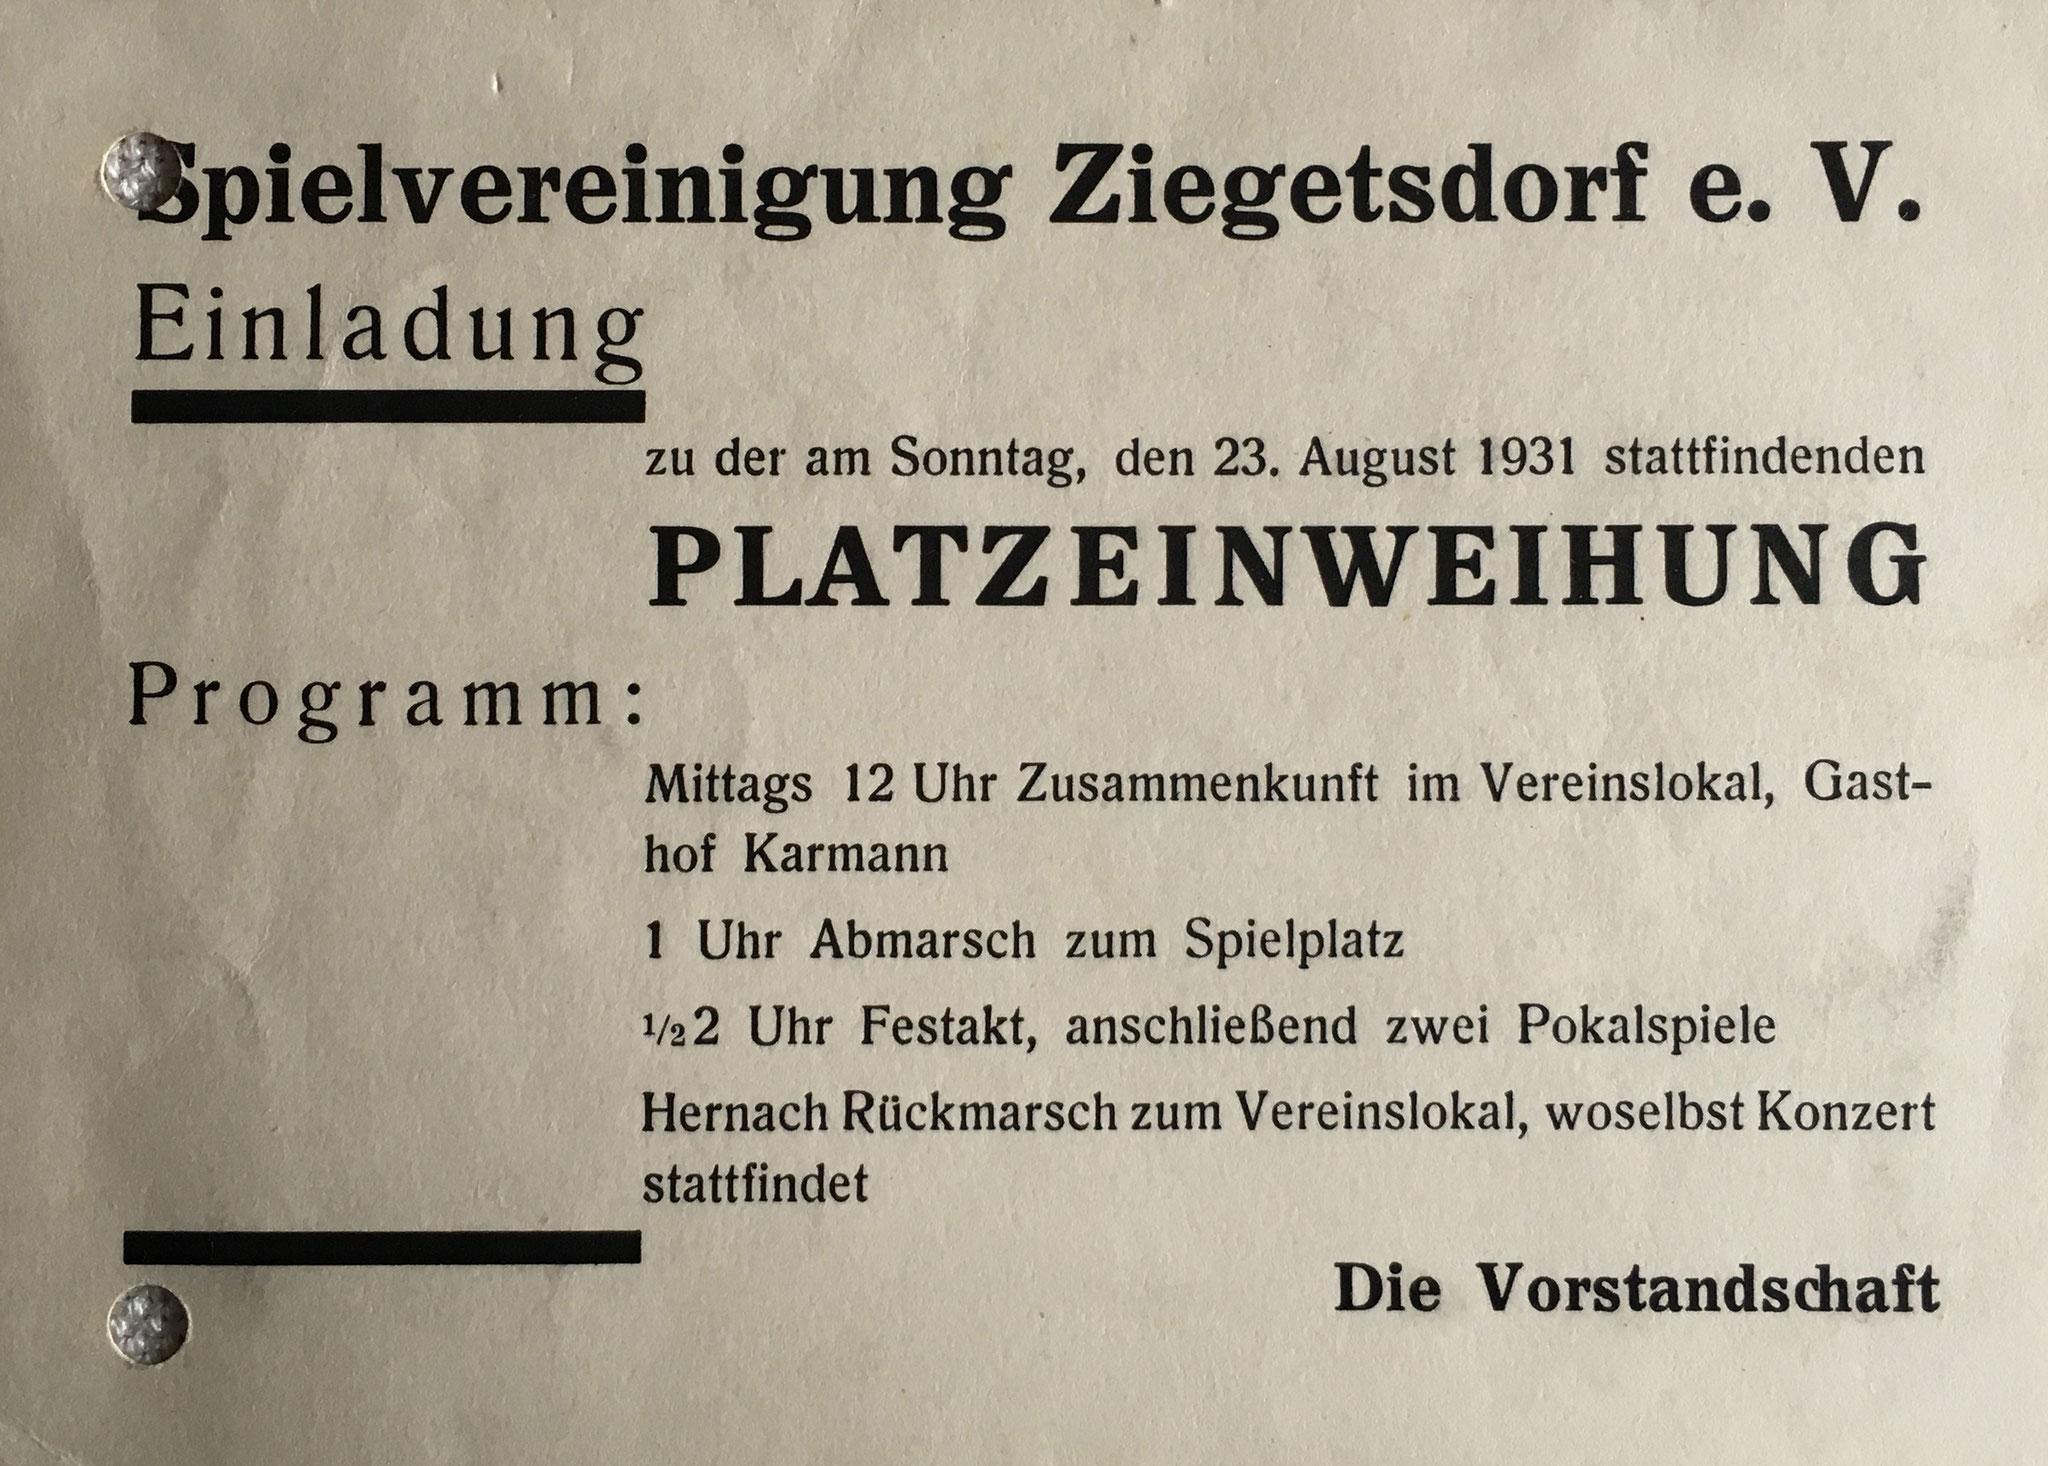 Im Jahr 1931 wird der erste Sportplatz der SpVgg Ziegetsdorf eingeweiht